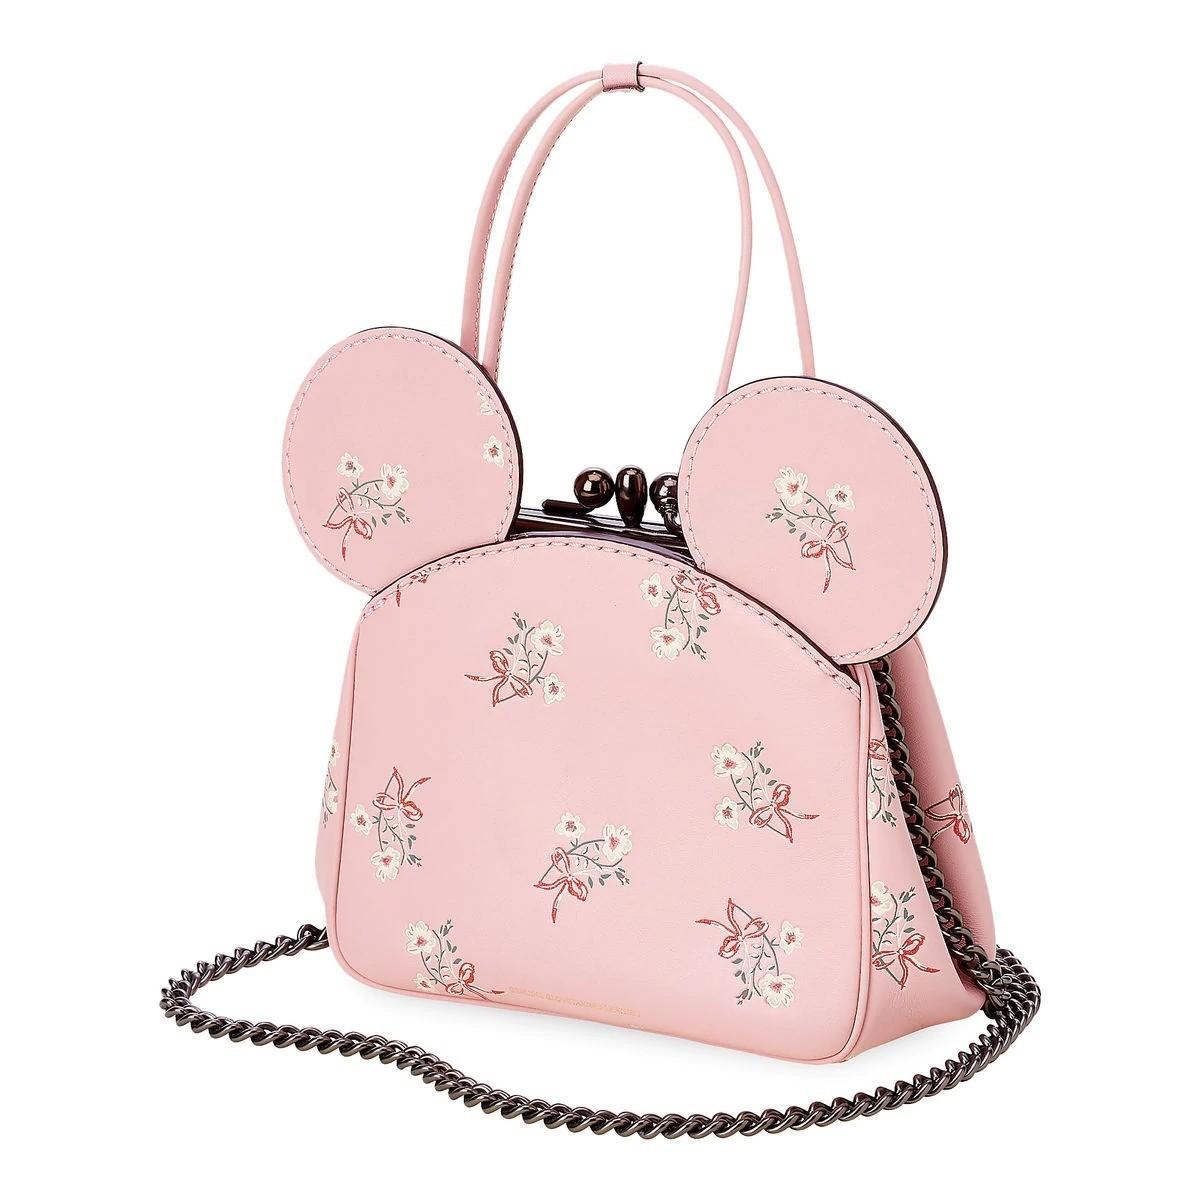 Bolsa Minnie Mouse Rosa A00